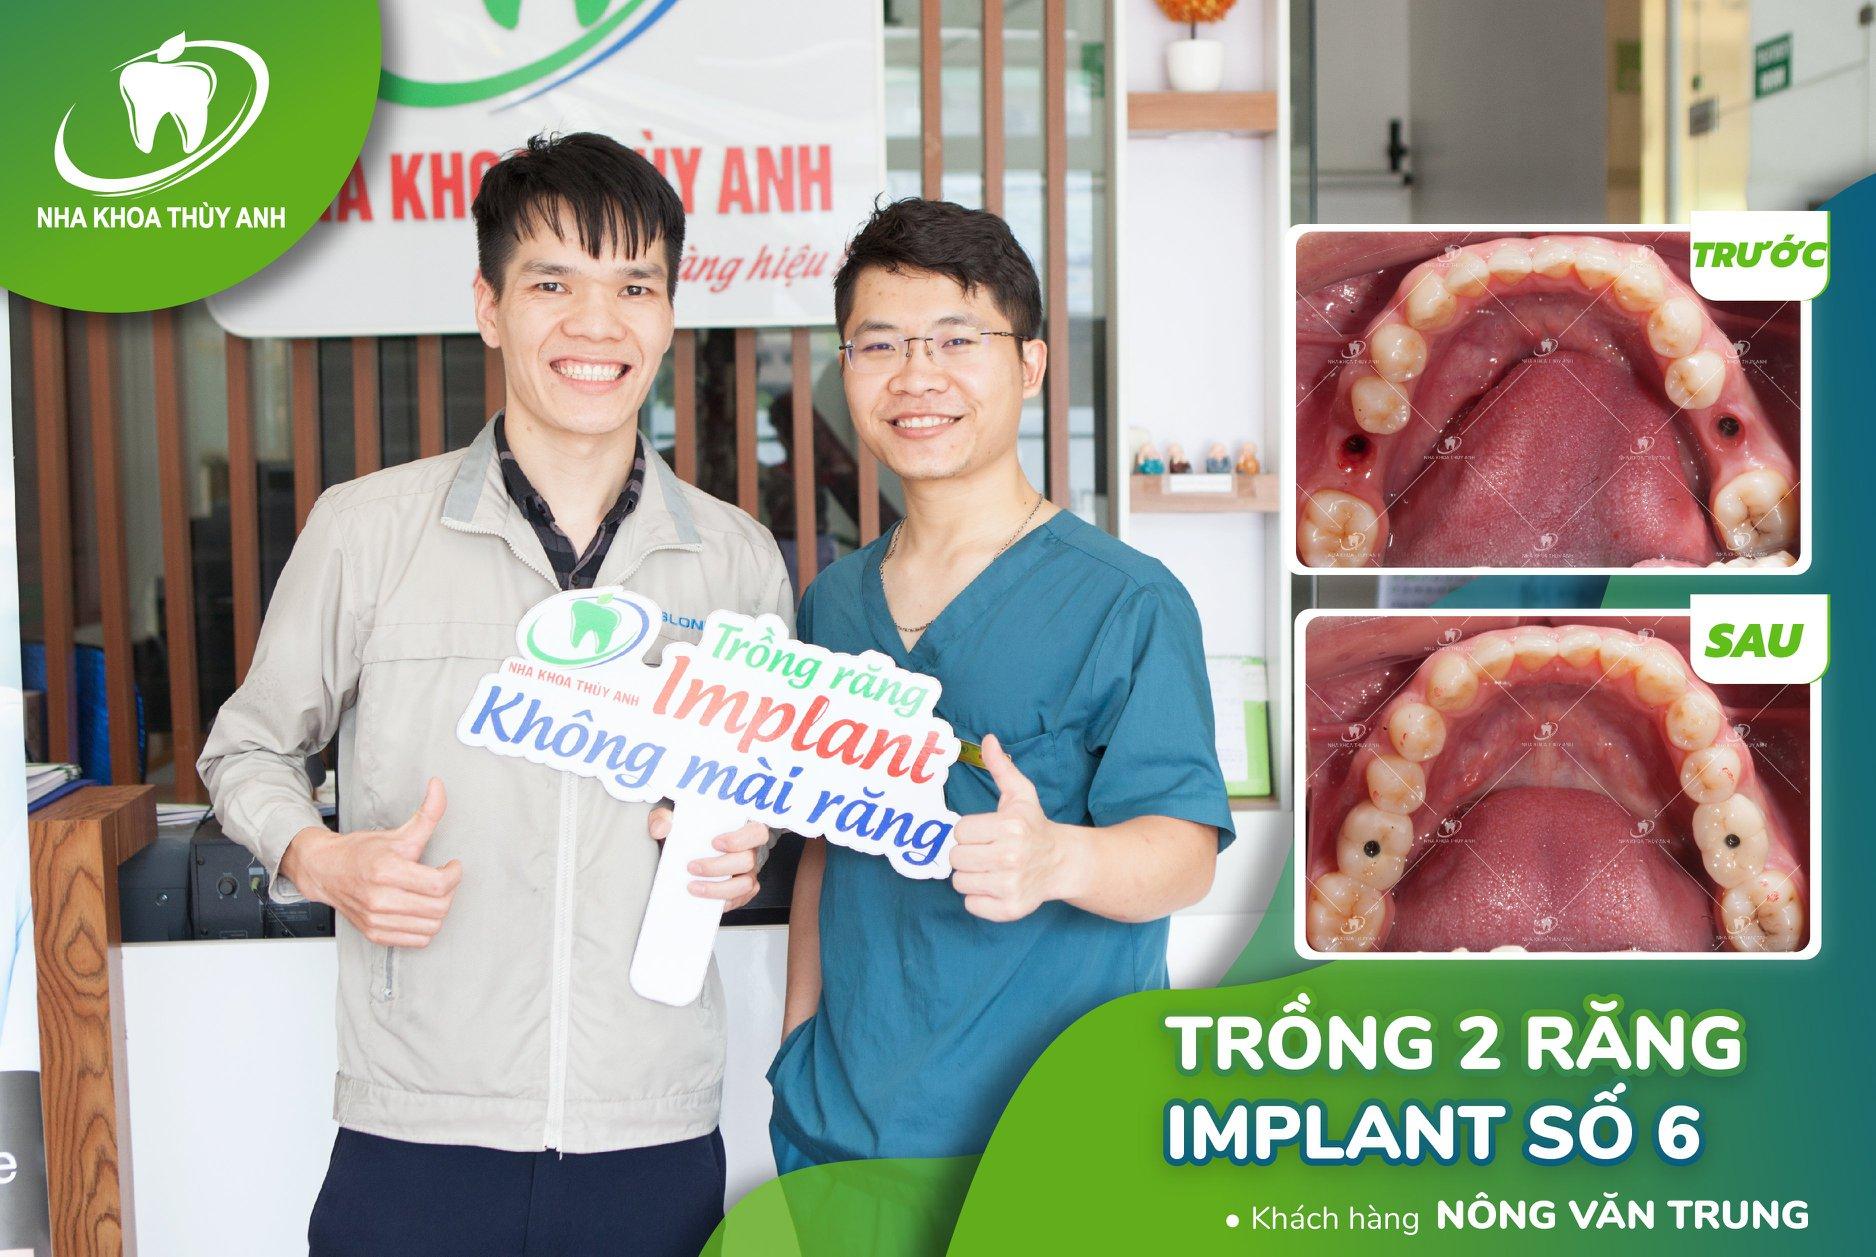 Cấy ghép implant sau bao lâu có thể lắp cầu răng sứ? Nha khoa Thùy Anh